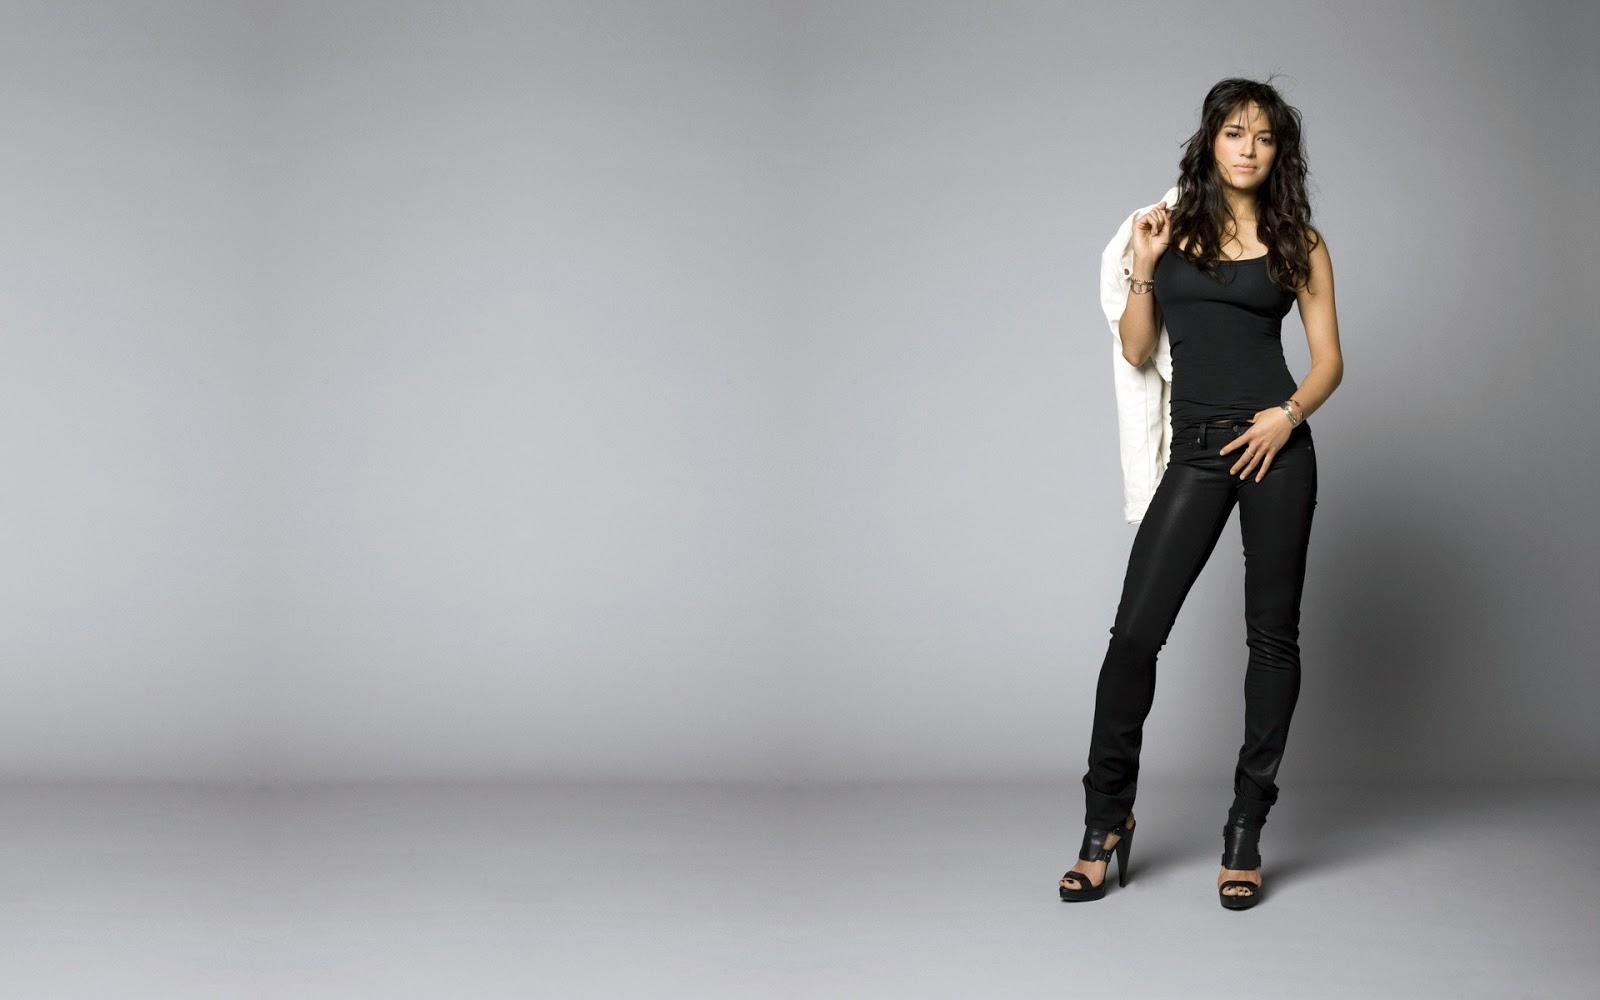 http://2.bp.blogspot.com/-Ip_YneiJMac/USGiyT3CWHI/AAAAAAAADfg/X8UYdzsEwhE/s1600/Michelle-Rodriguez-Hd-a-wallpaper-656.jpg